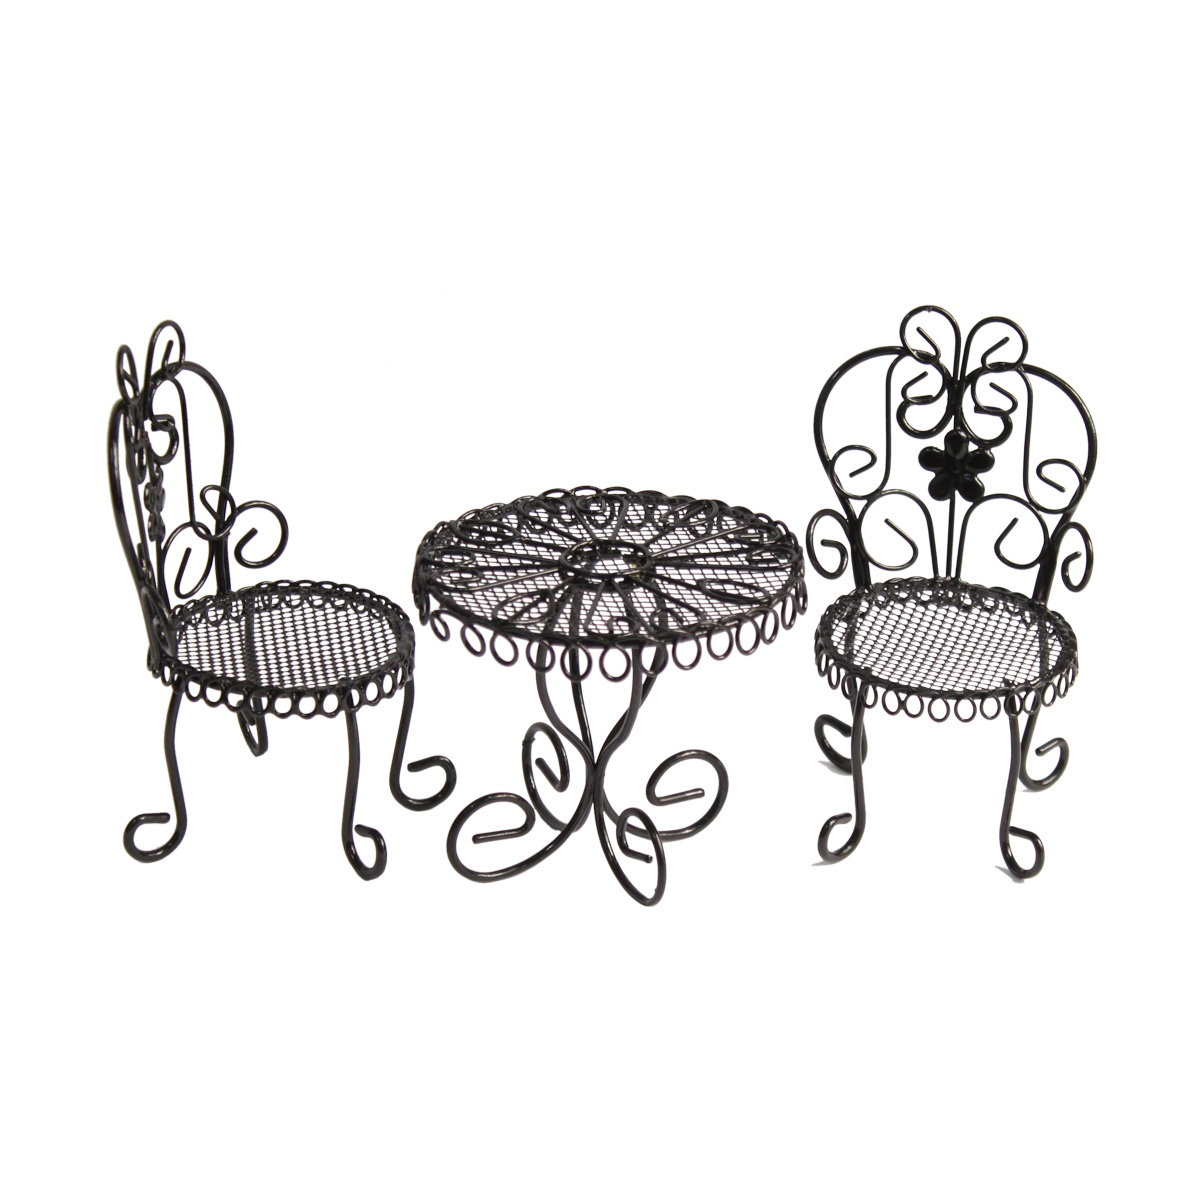 KB3585 Набор метал. стол 8*7см с 2-мя стульями 5*4*11,5см, черный Астра (3шт/упак)